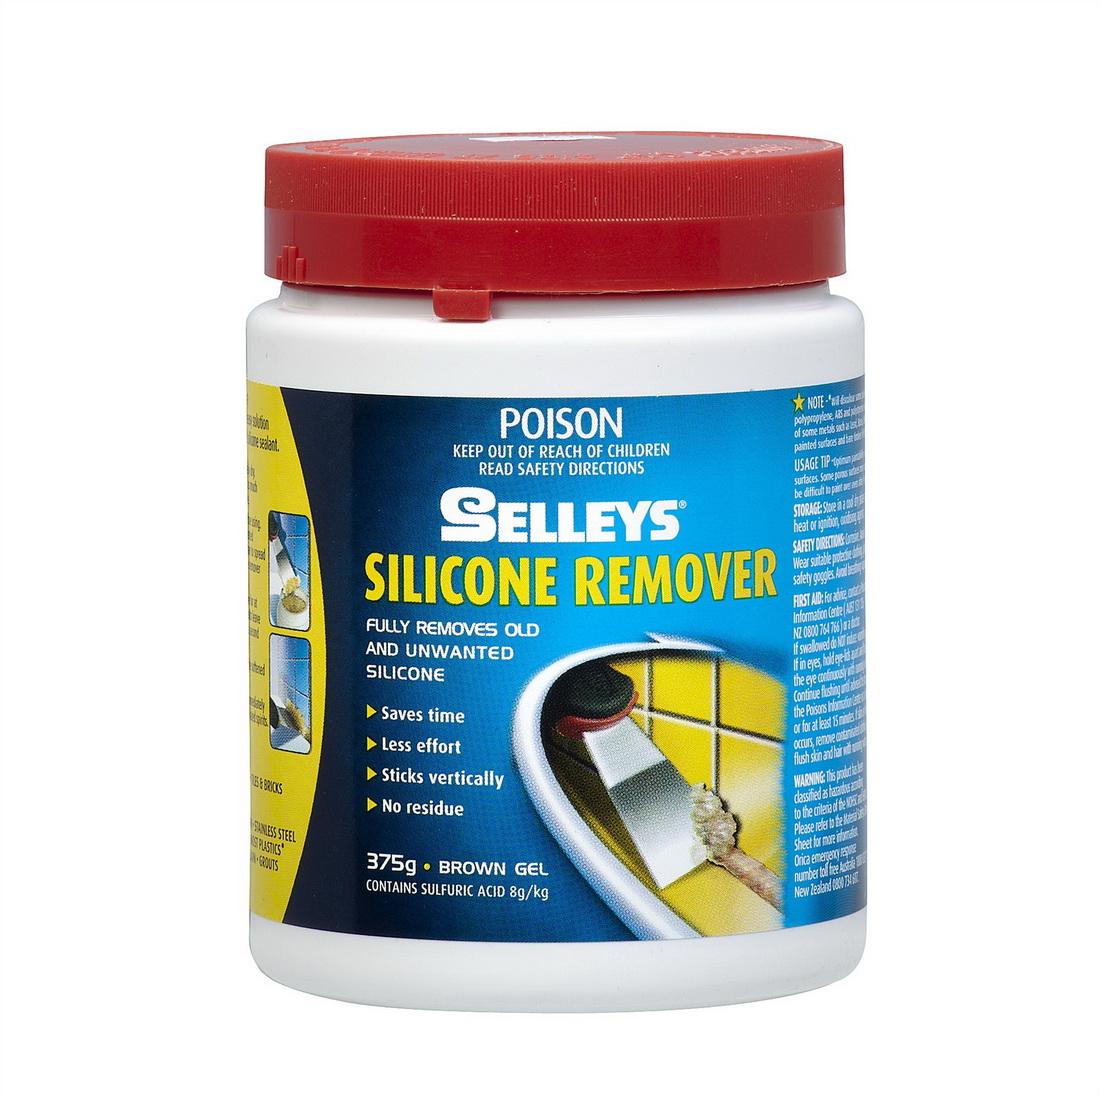 375G Silicone Remover